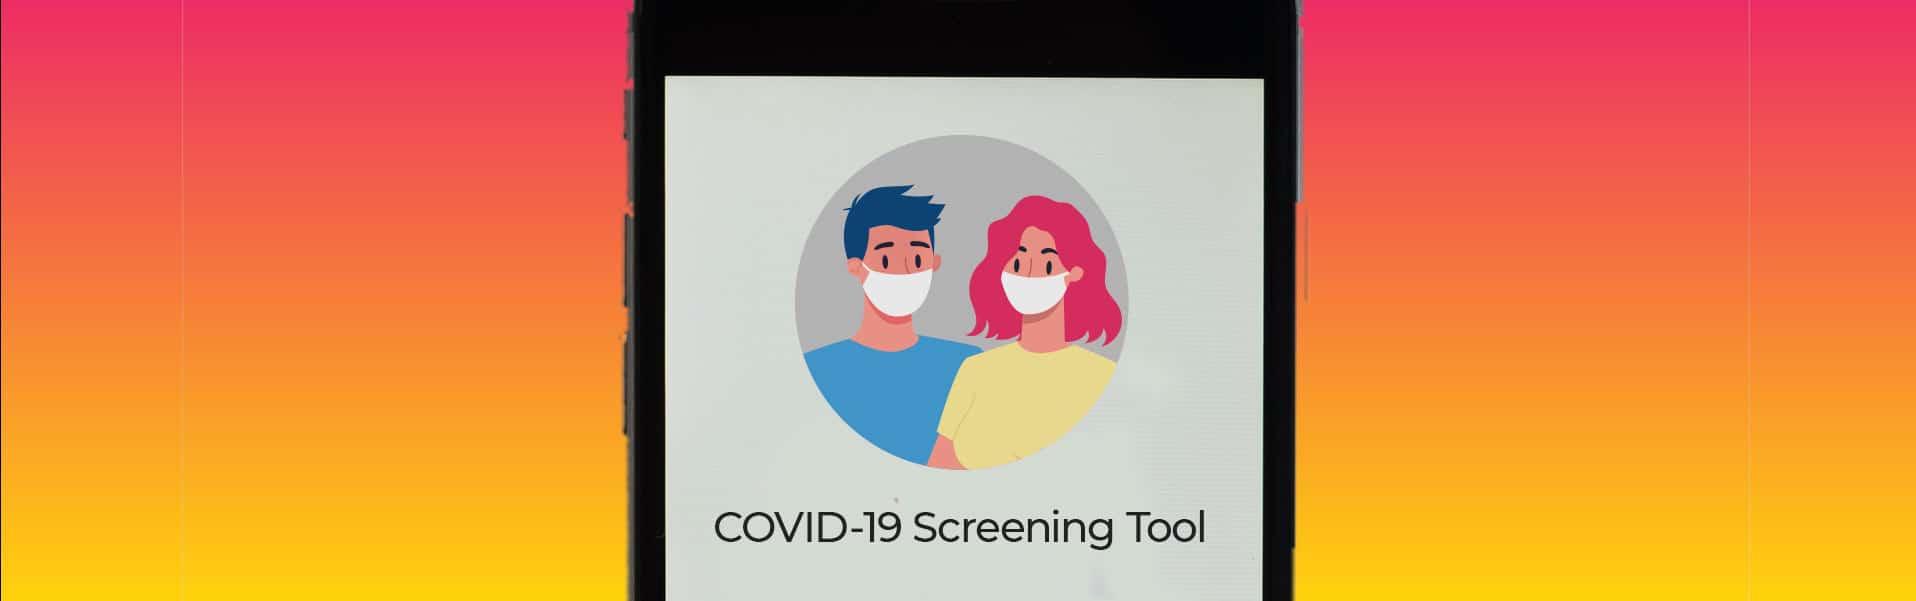 Innovación tecnológica ante el reto inesperado del COVID-19